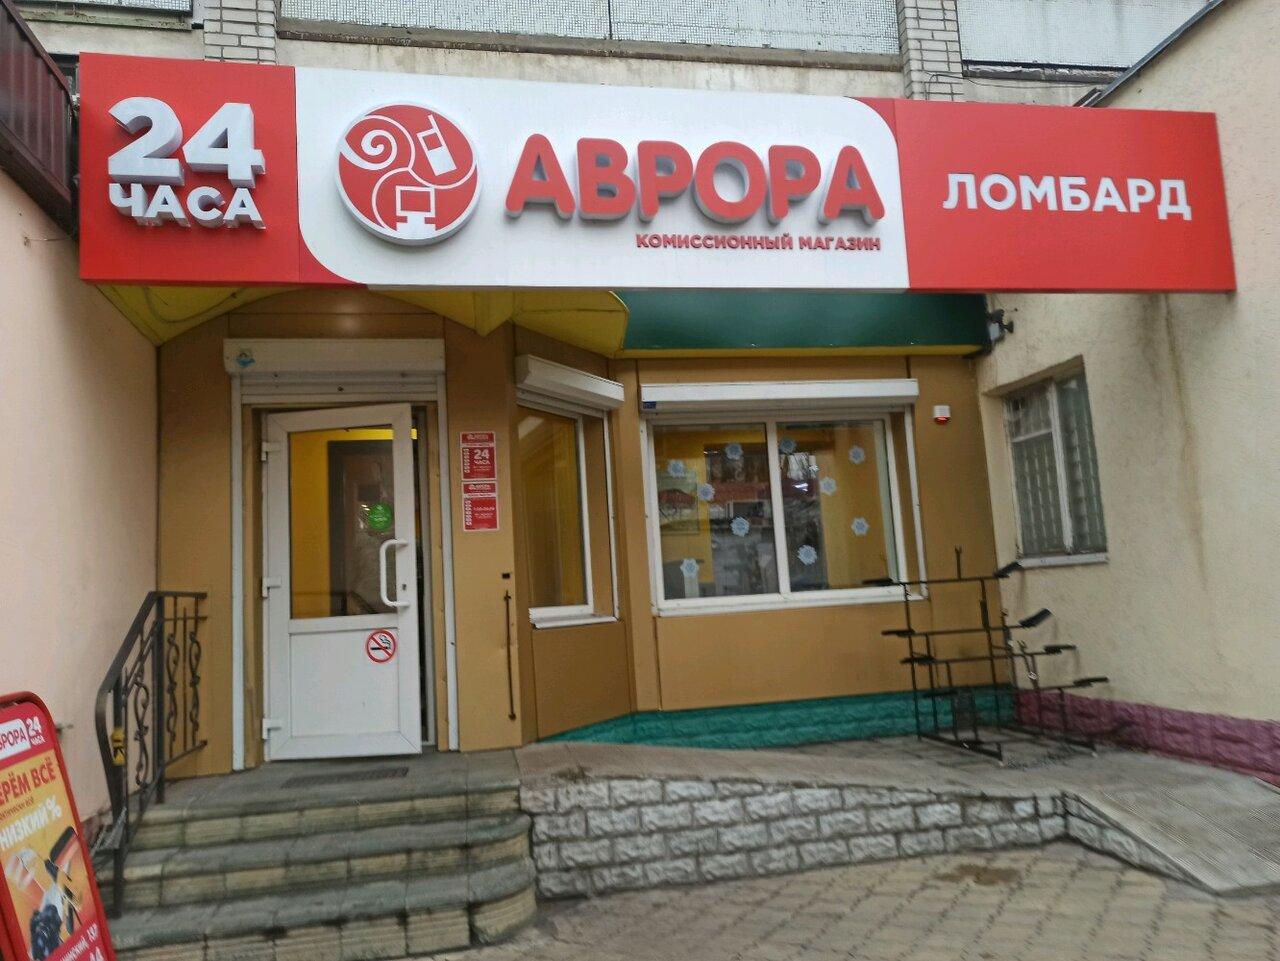 Воронеж ломбард работы аврора часы часов москва скупка